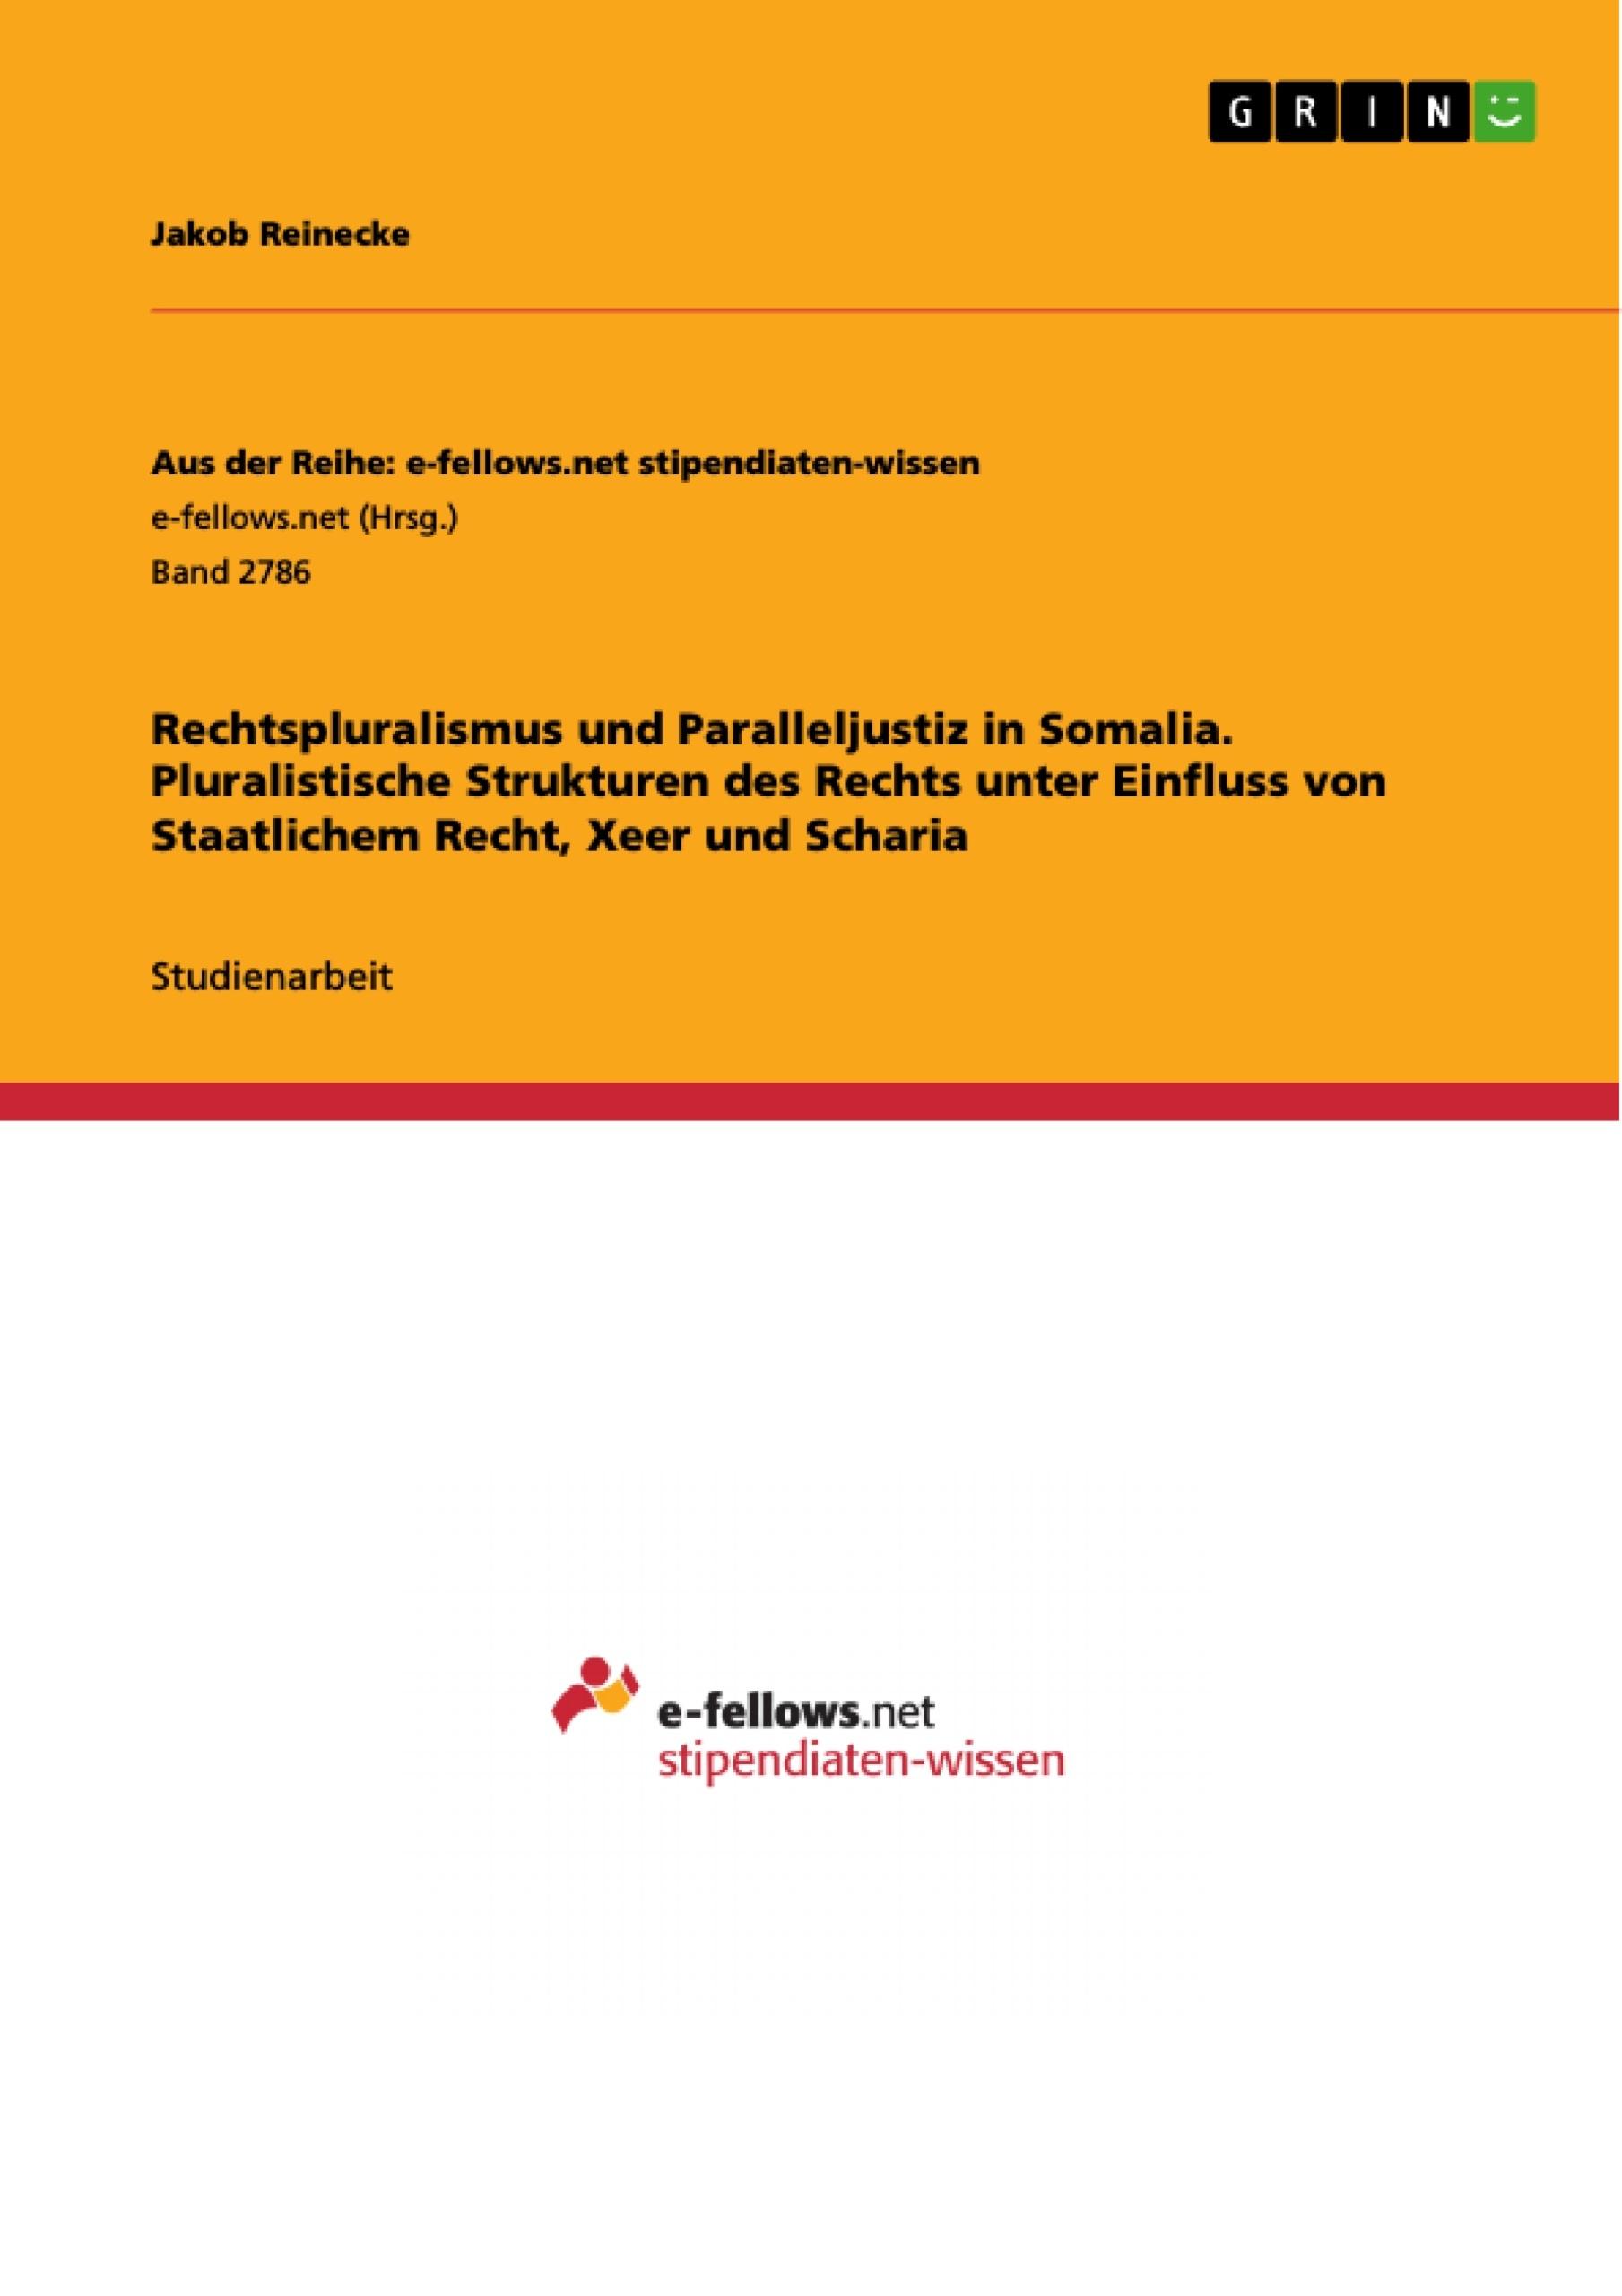 Titel: Rechtspluralismus und Paralleljustiz in Somalia. Pluralistische Strukturen des Rechts unter Einfluss von Staatlichem Recht, Xeer und Scharia